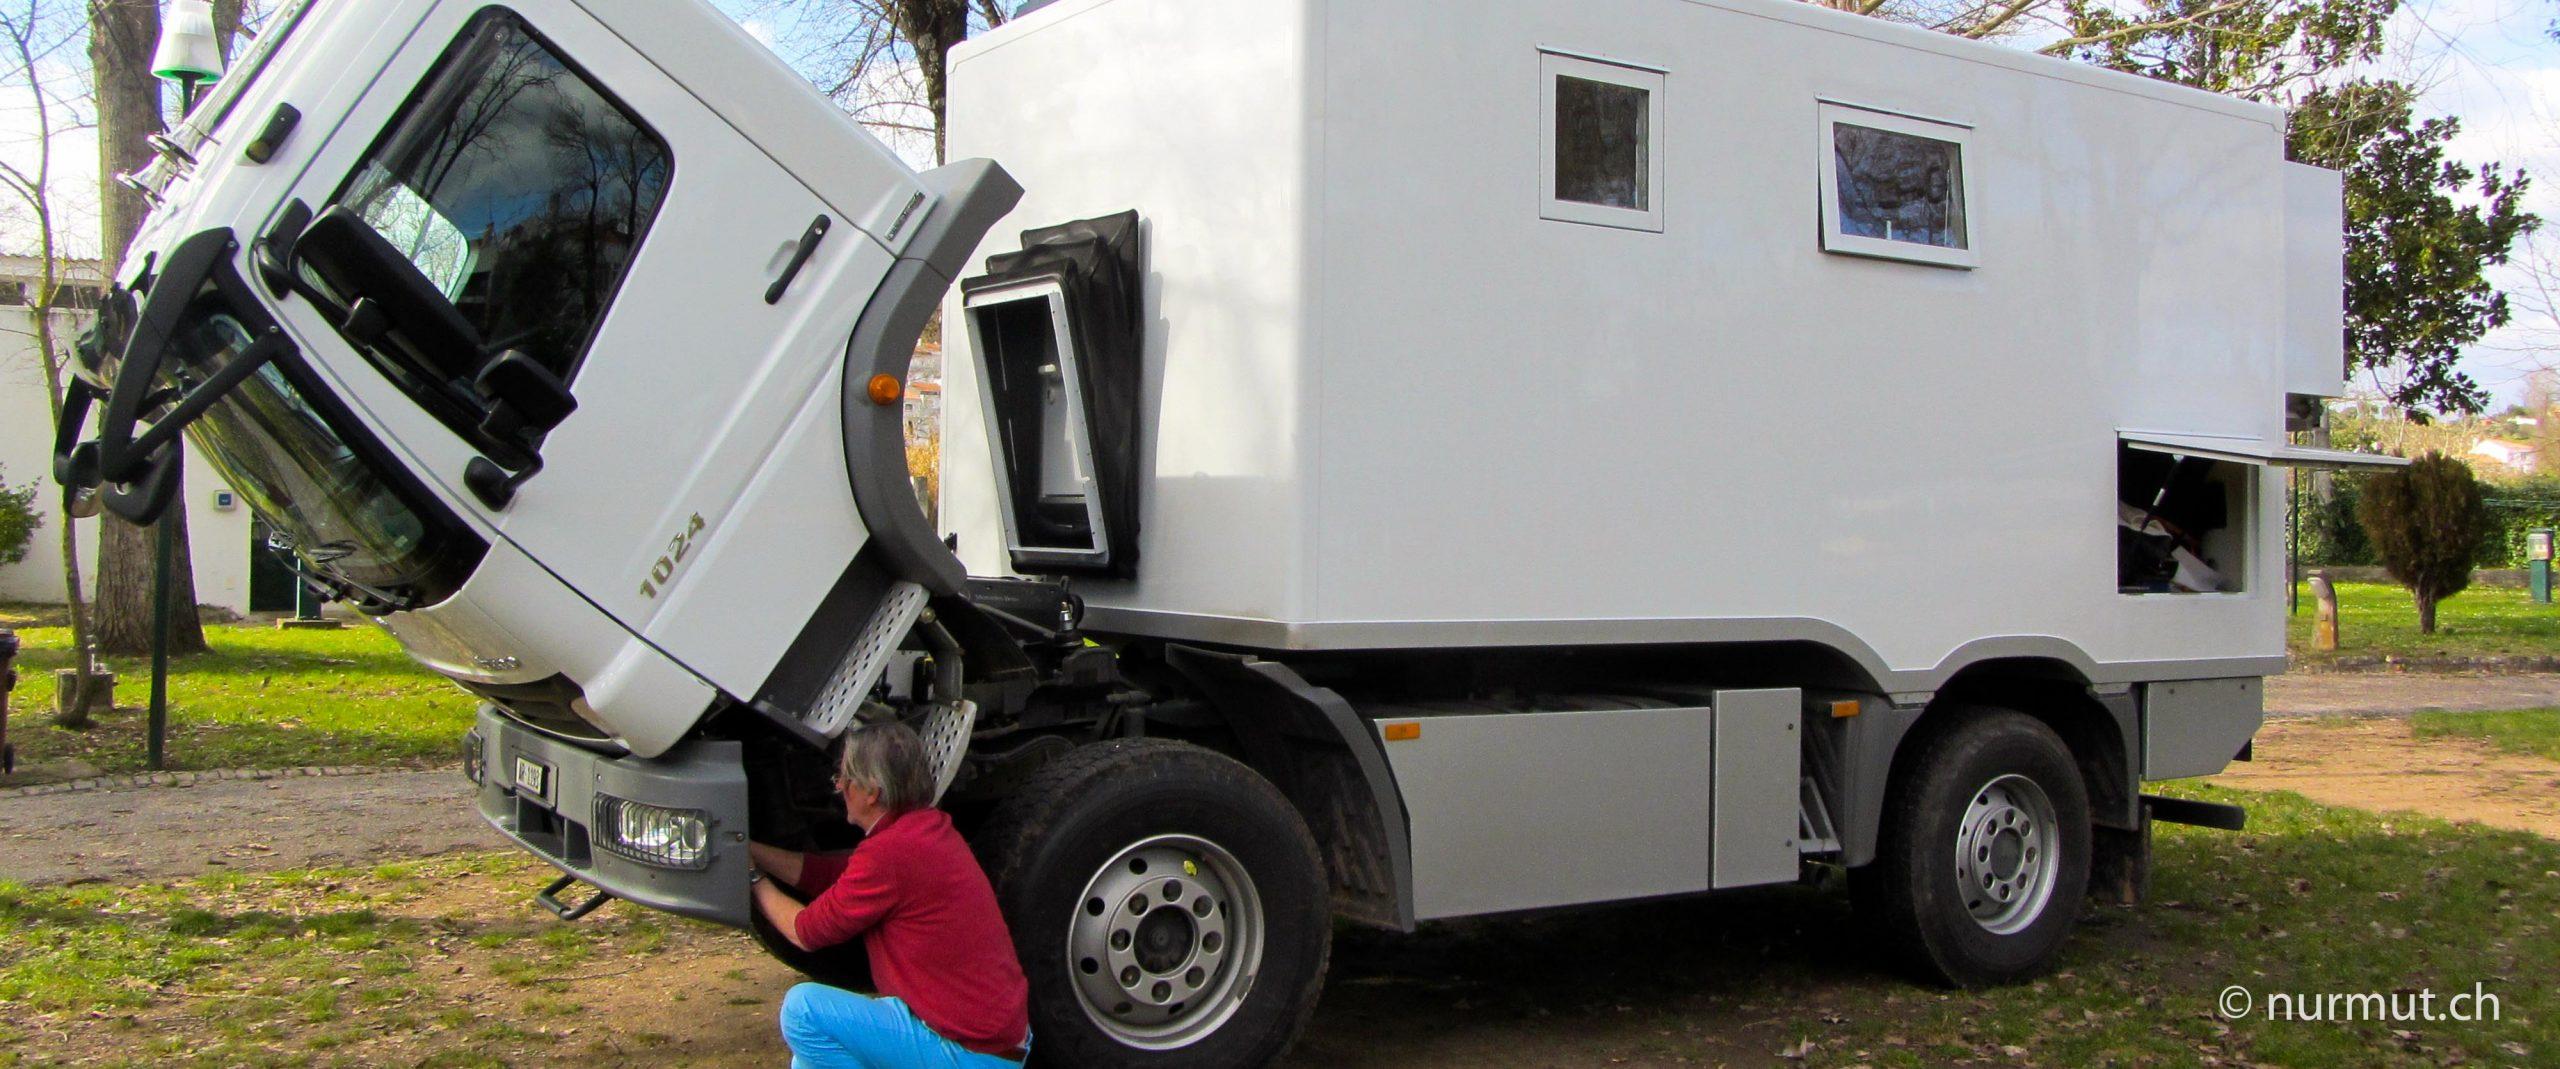 Wohnen-zu-zweit-auf-12m2-expeditionsmobil